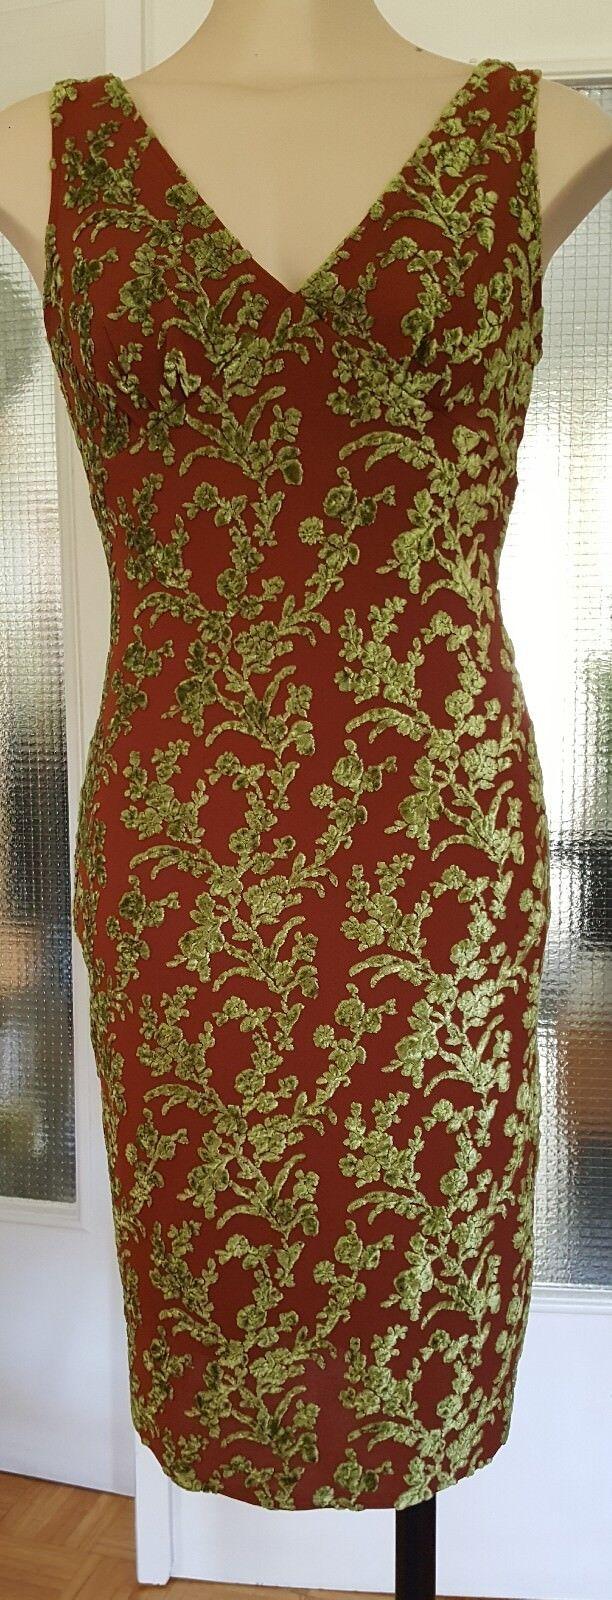 Etuikleid Cocktailkleid Shiftkleid Bisou Bisou Michele Bohbot aus den USA Gr.S